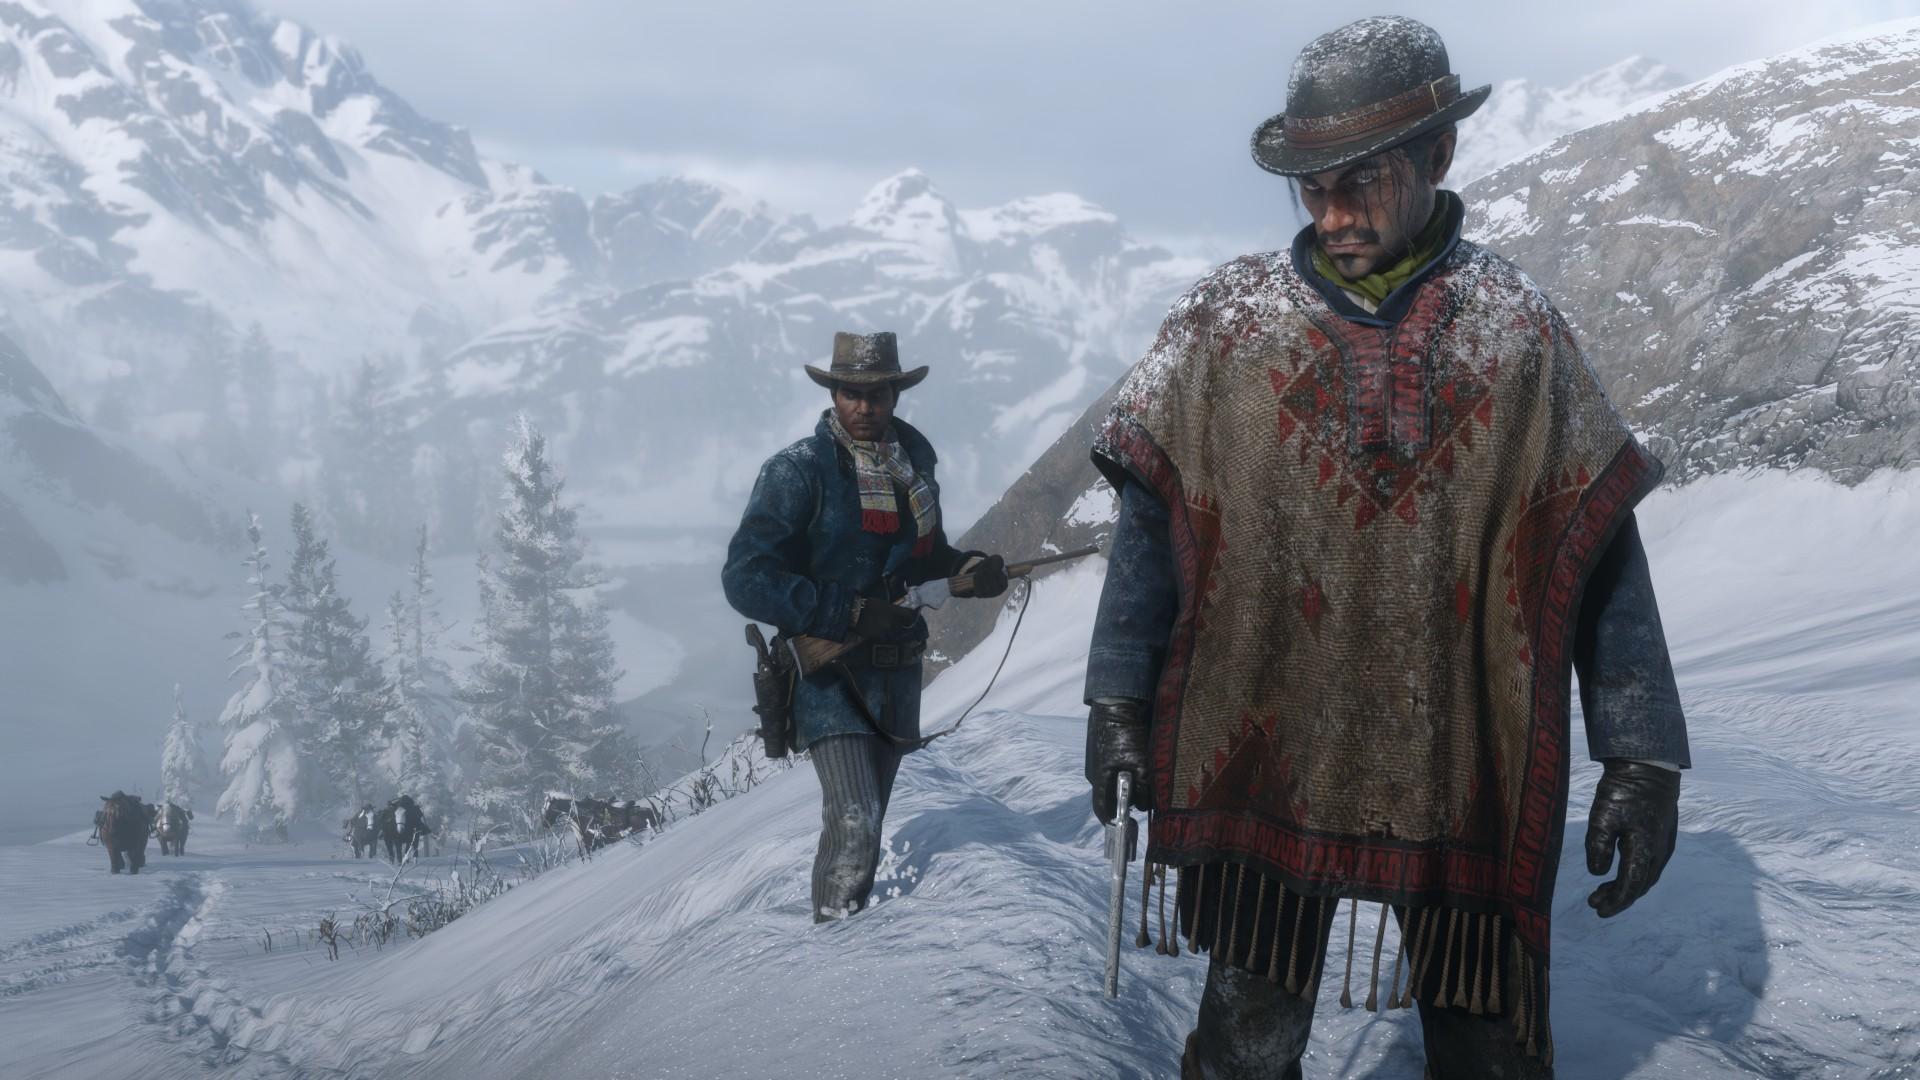 Rockstar рассказала, как улучшится графика в PC-версии Red Dead Redemption 2